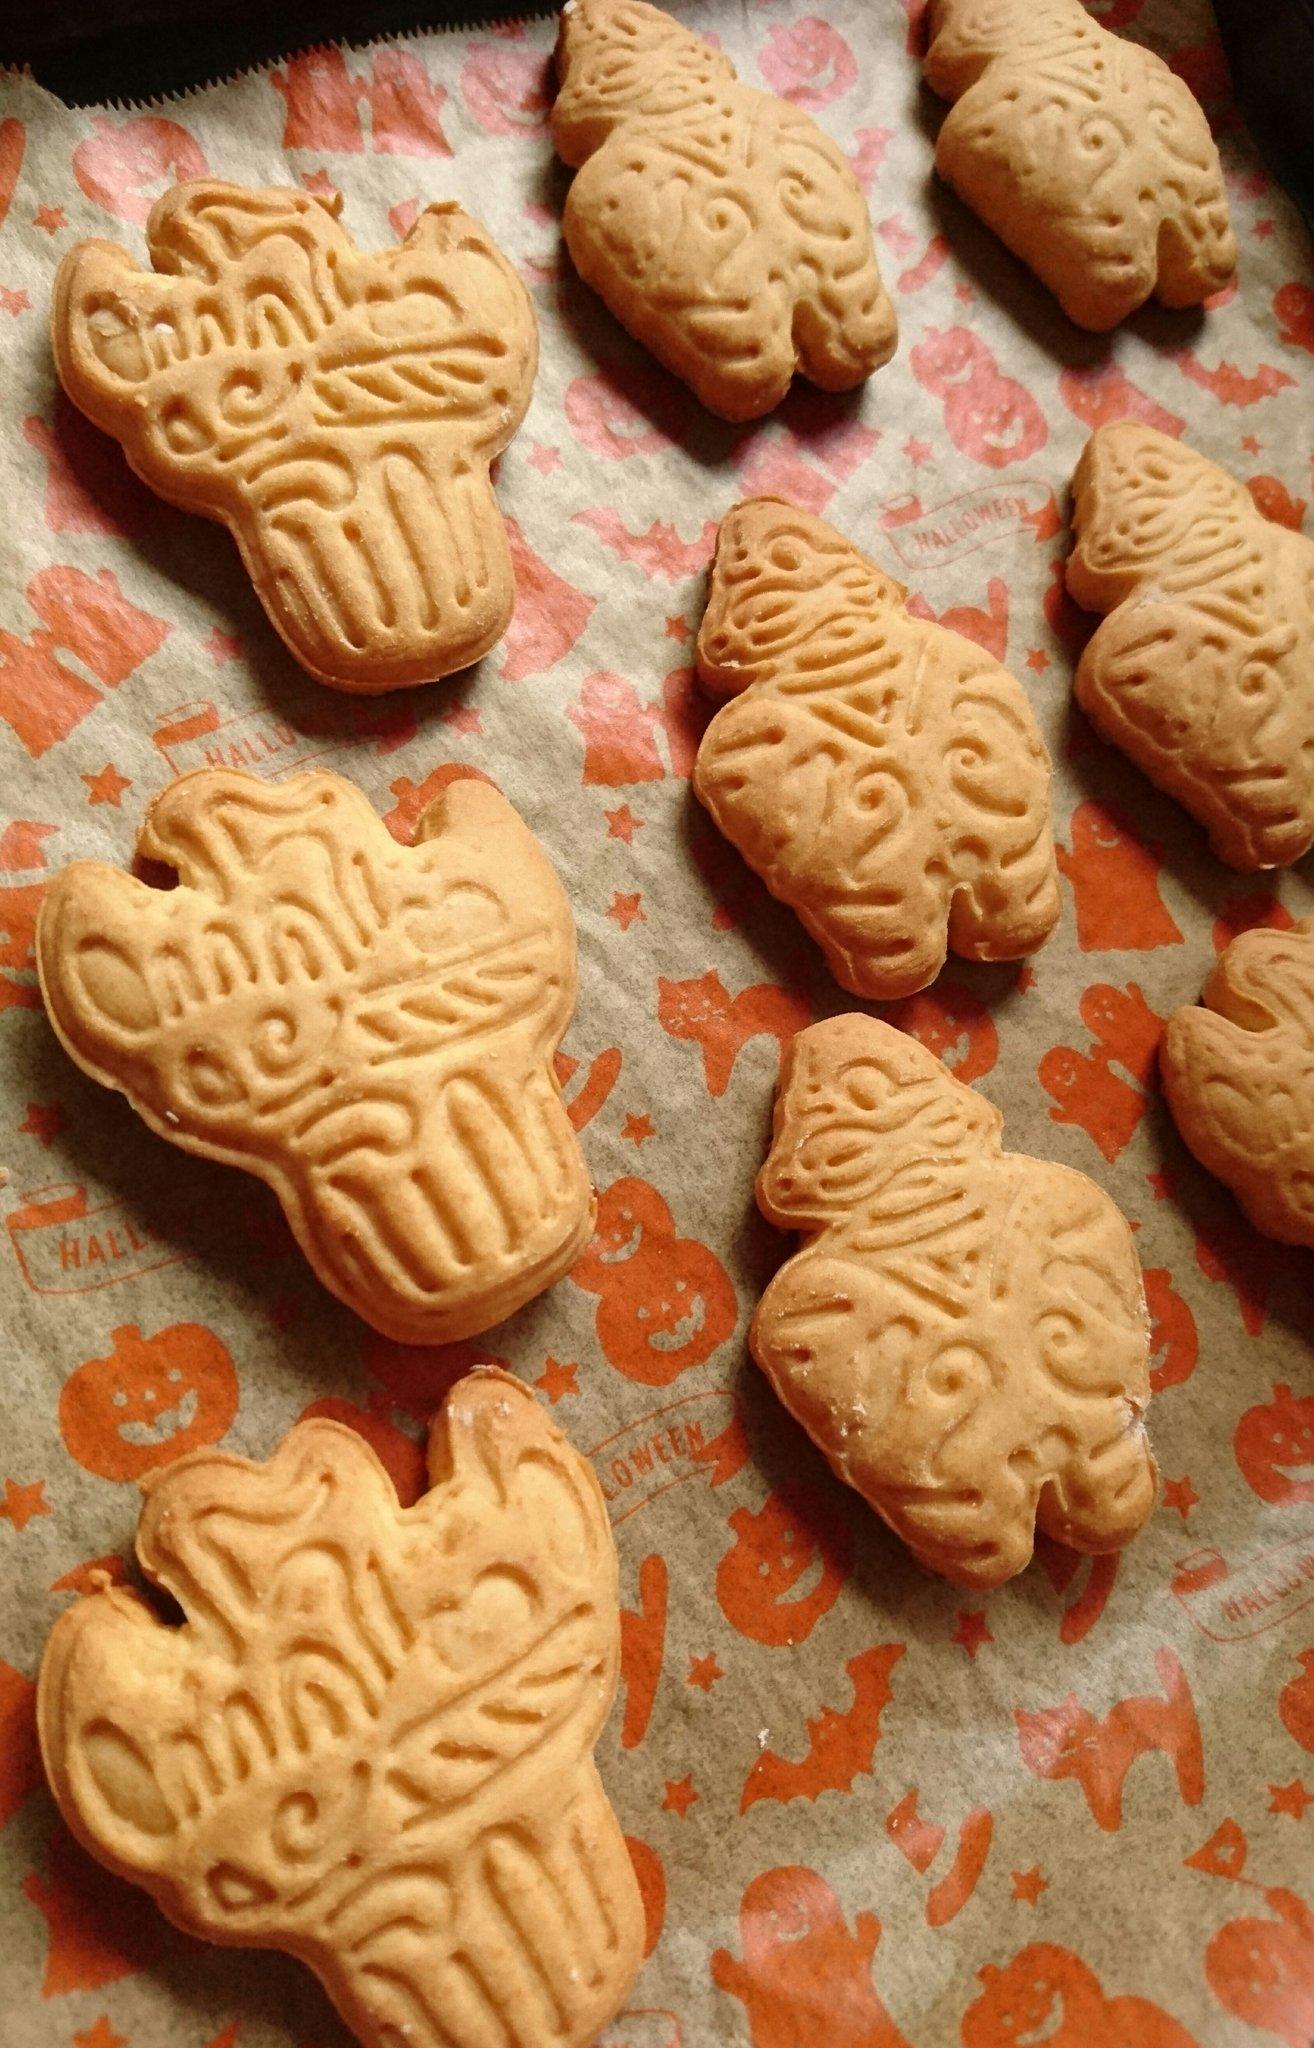 この間買ったクッキー型で縄文土器クッキー焼いたのだけどこれカワイイ……火焔型土器と遮光器土偶~😊😊<br>割れてもそれはそれで、それっぽい。